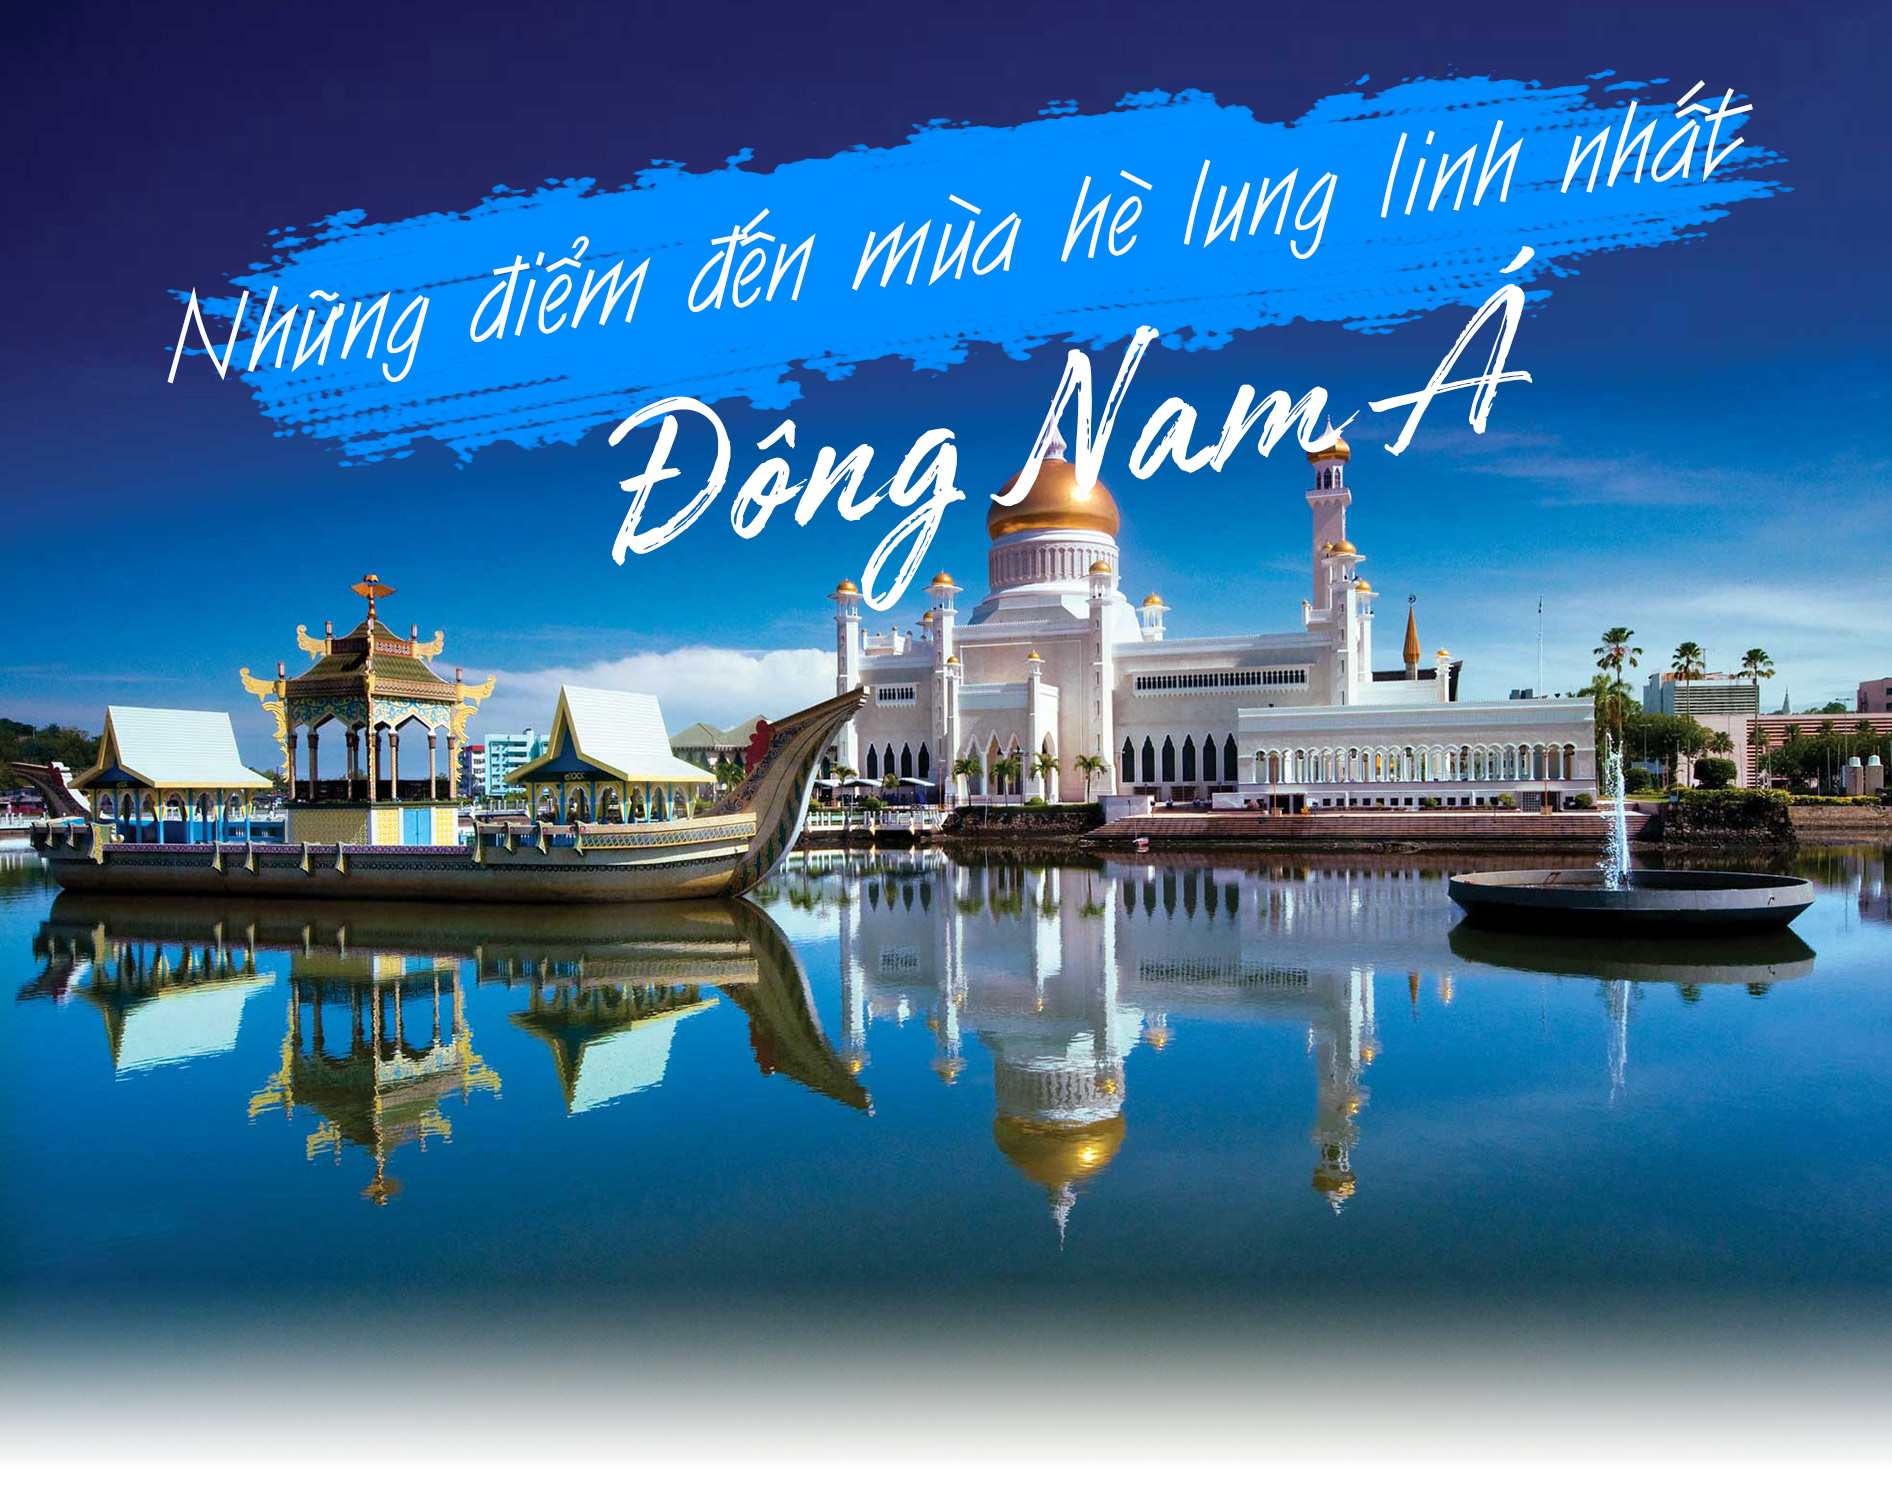 Những điểm đến mùa hè lung linh nhất Đông Nam Á, bạn không thể bỏ qua.